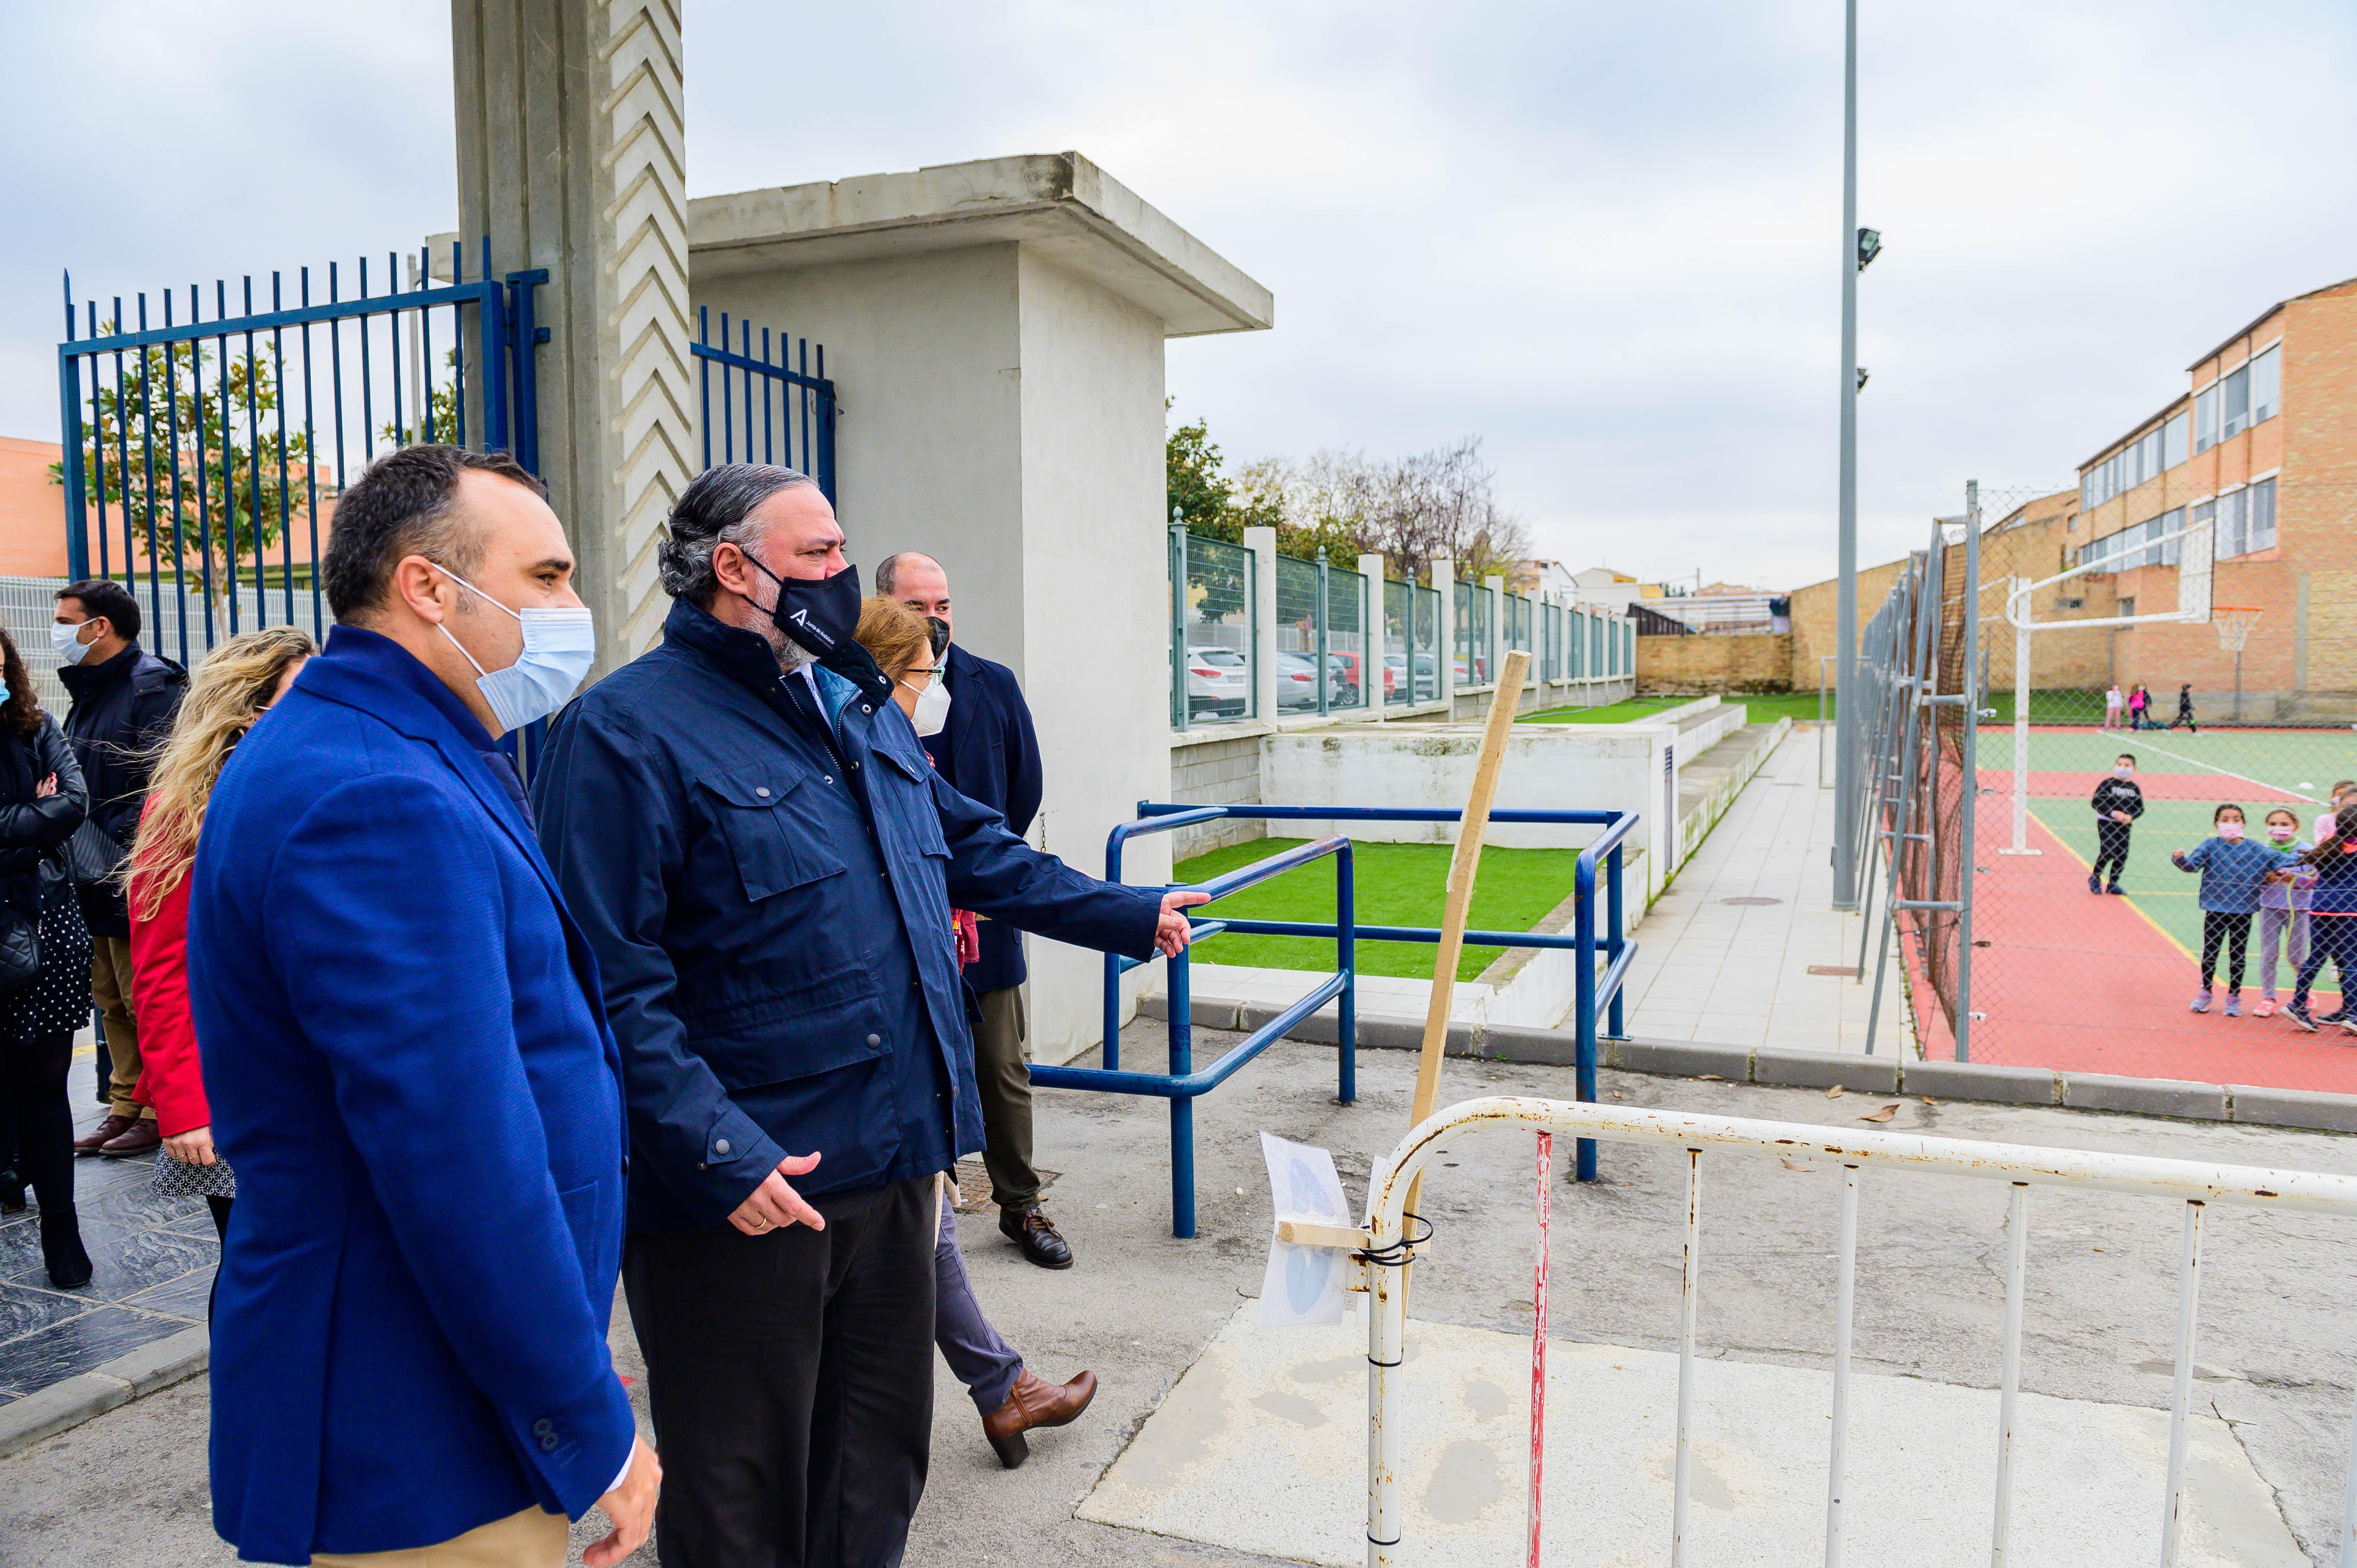 La construcción del nuevo colegio público de Alhendín tendrá un coste de 3.5 millones de euros